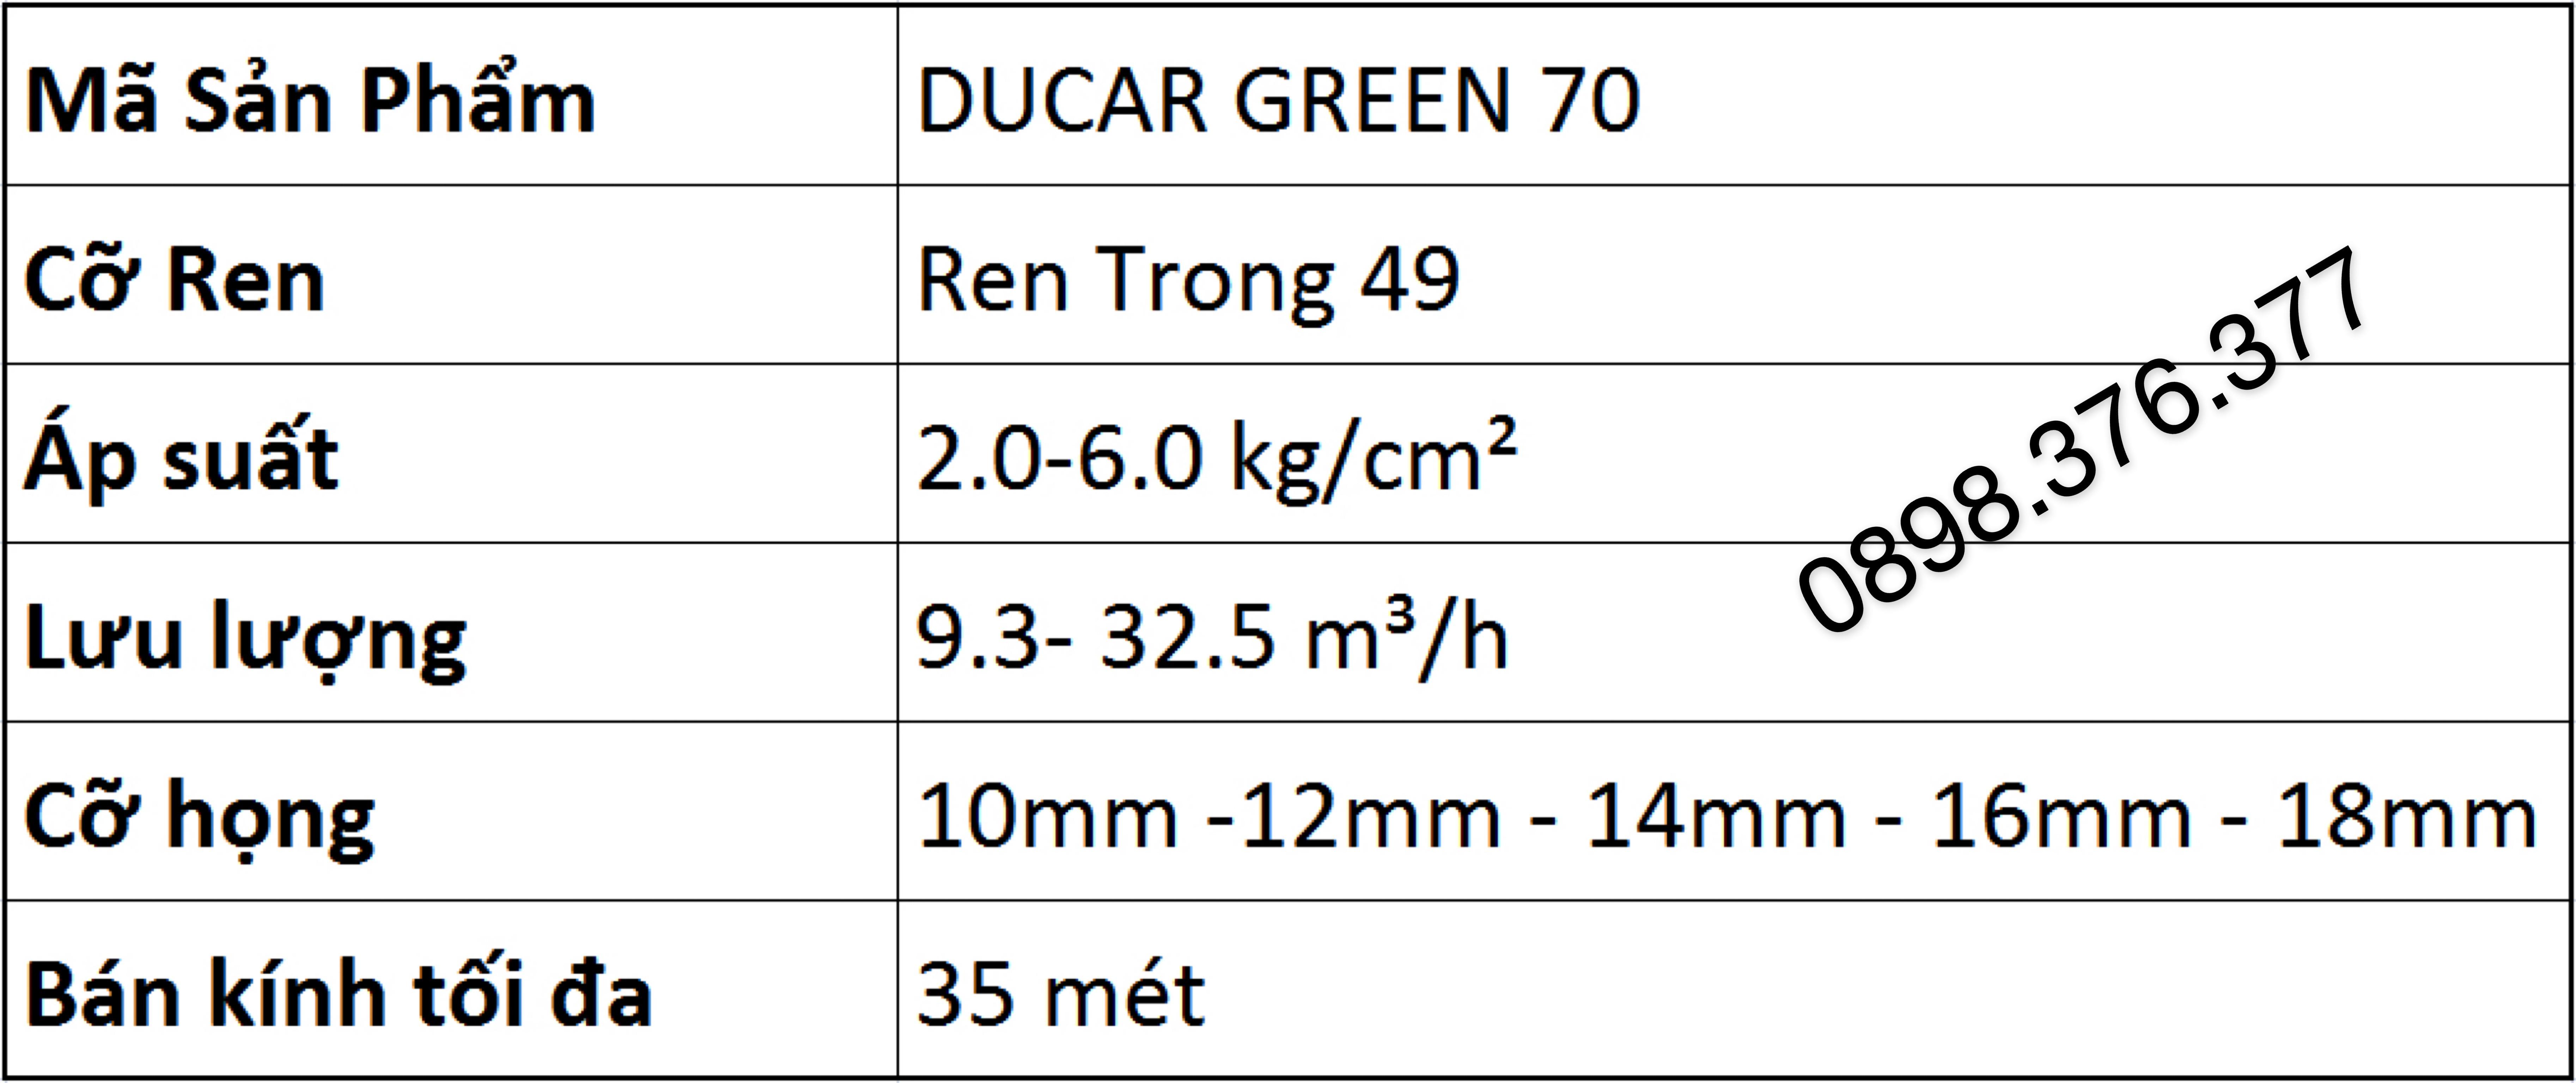 bảng thông số kỹ thuật béc ducar green 70 thỗ nhĩ kỳ